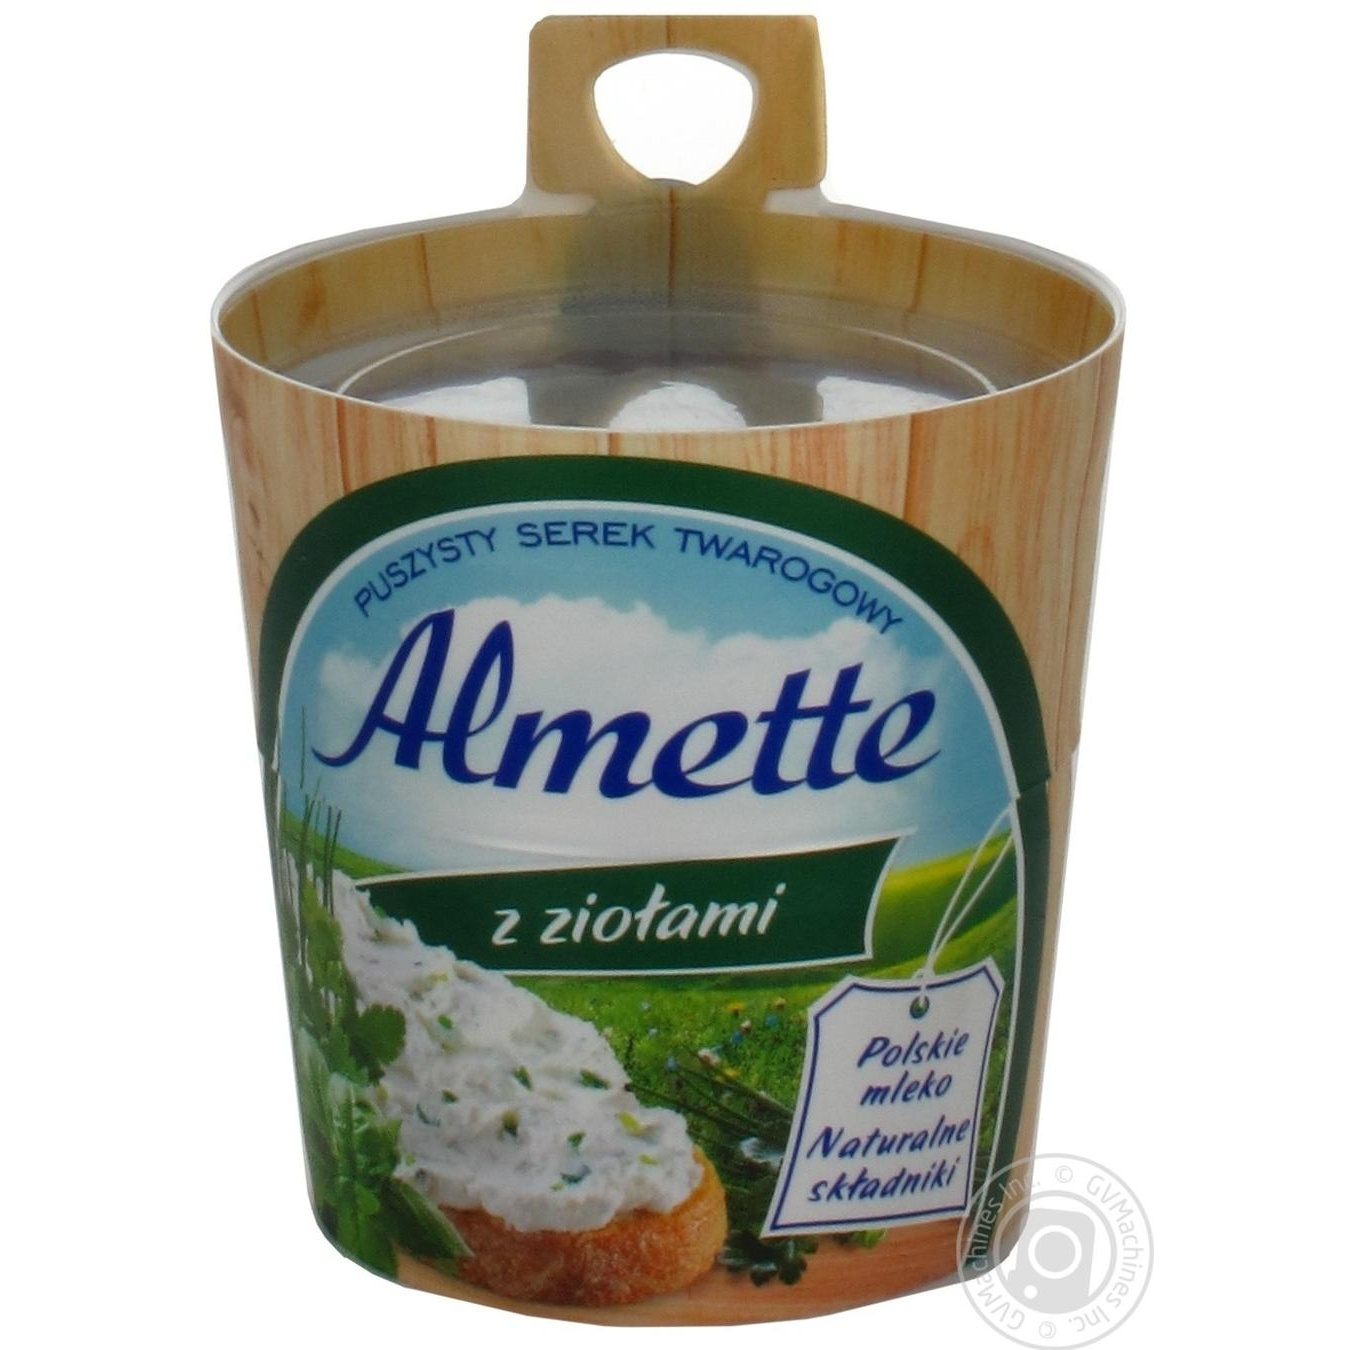 Сыр творожный Хохланд Альметте с травами 60% 150г